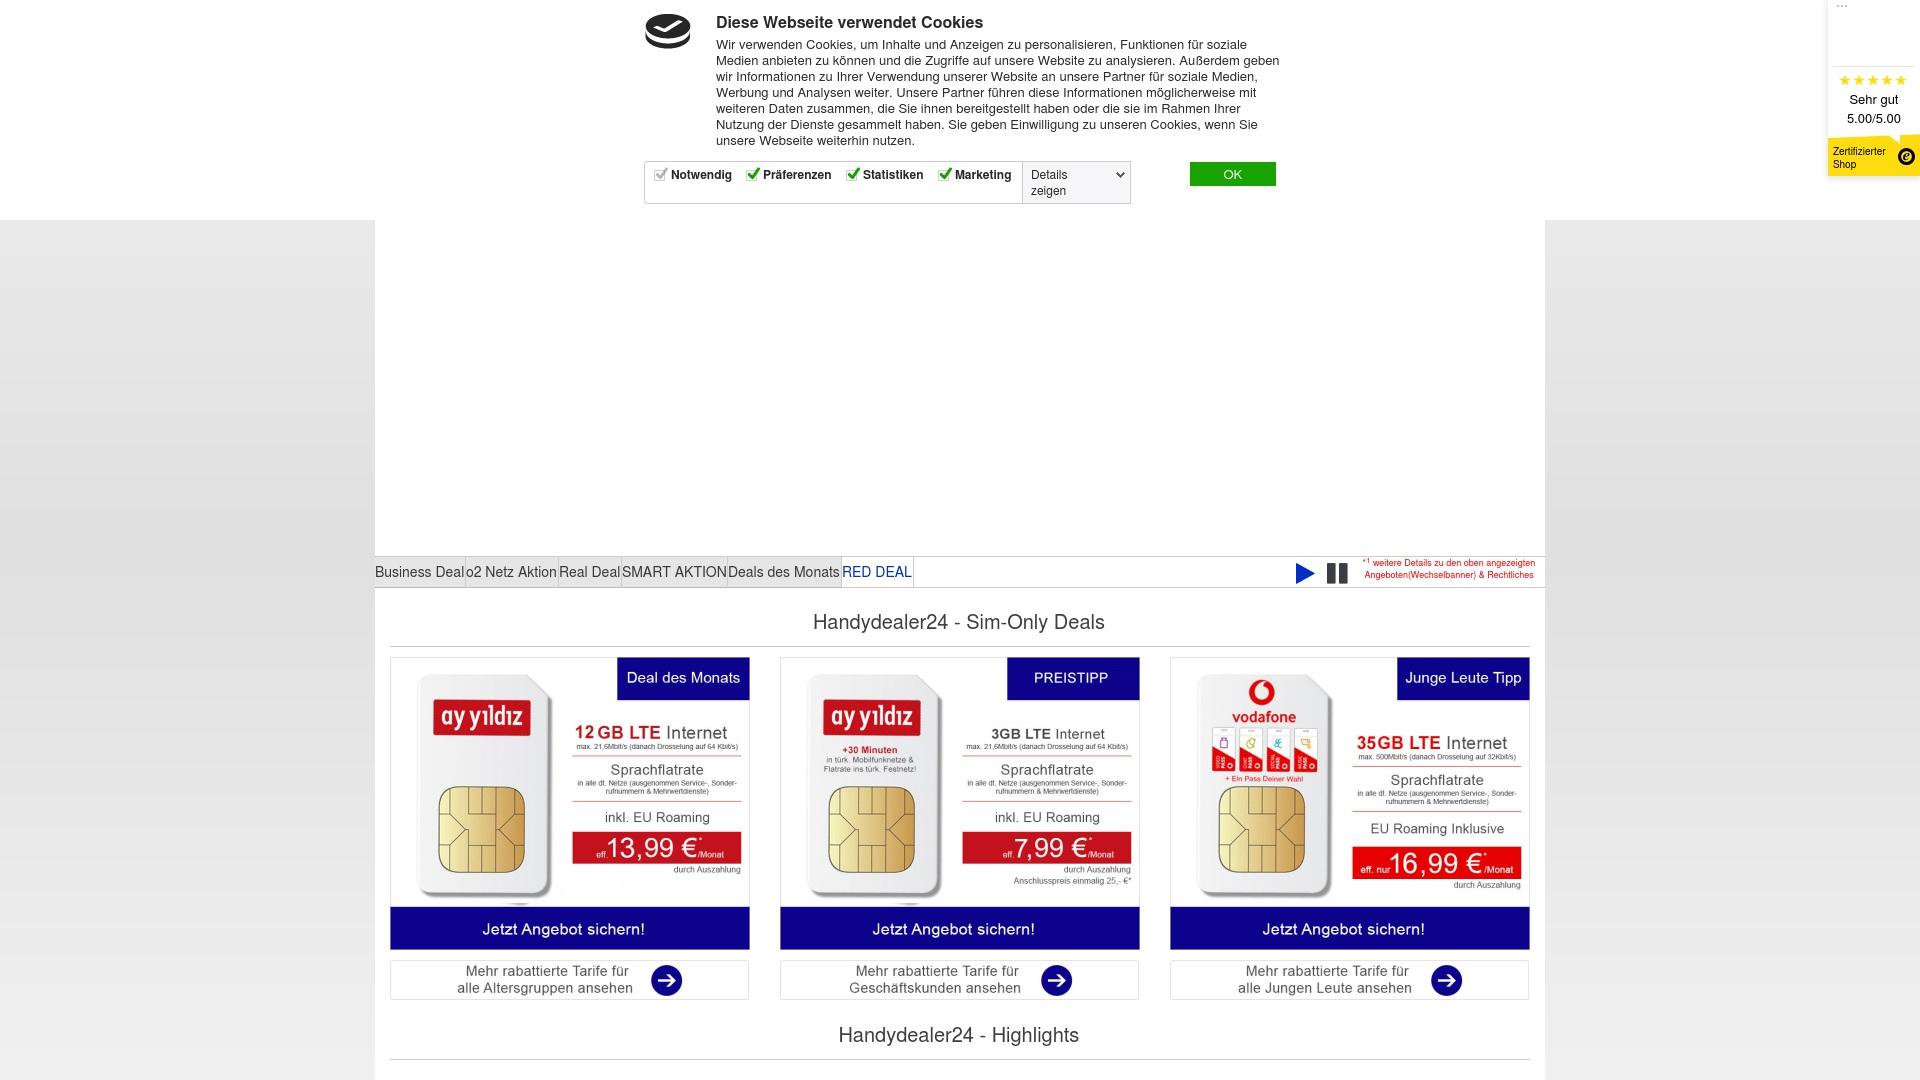 Geld zurück bei Handydealer24: Jetzt im Oktober 2021 Cashback für Handydealer24 sichern